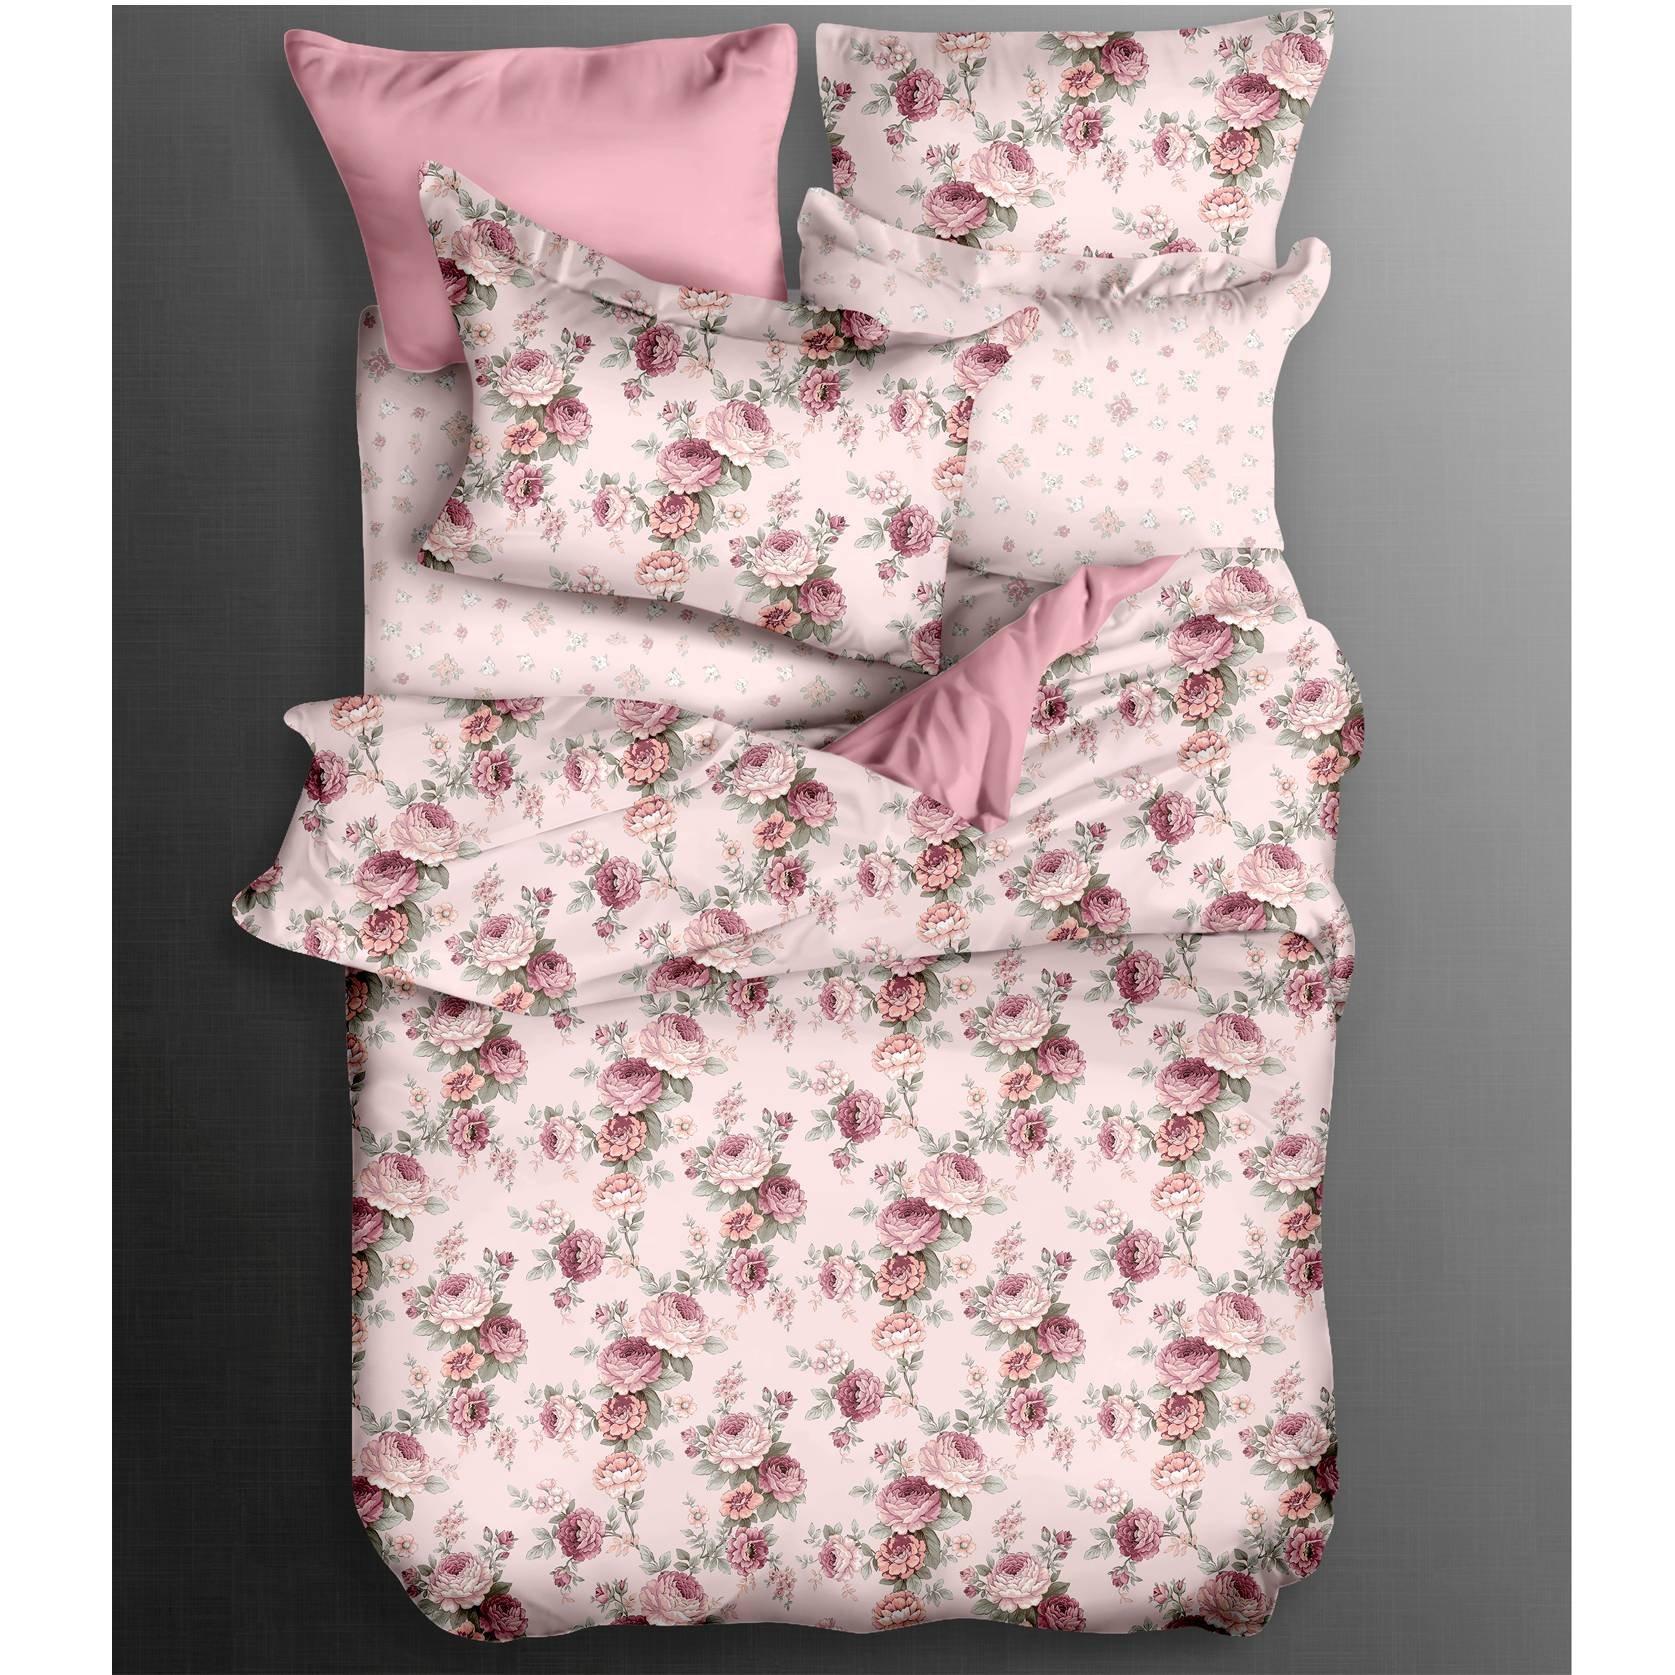 Pure Cotton Floral Patterns Sheet Set